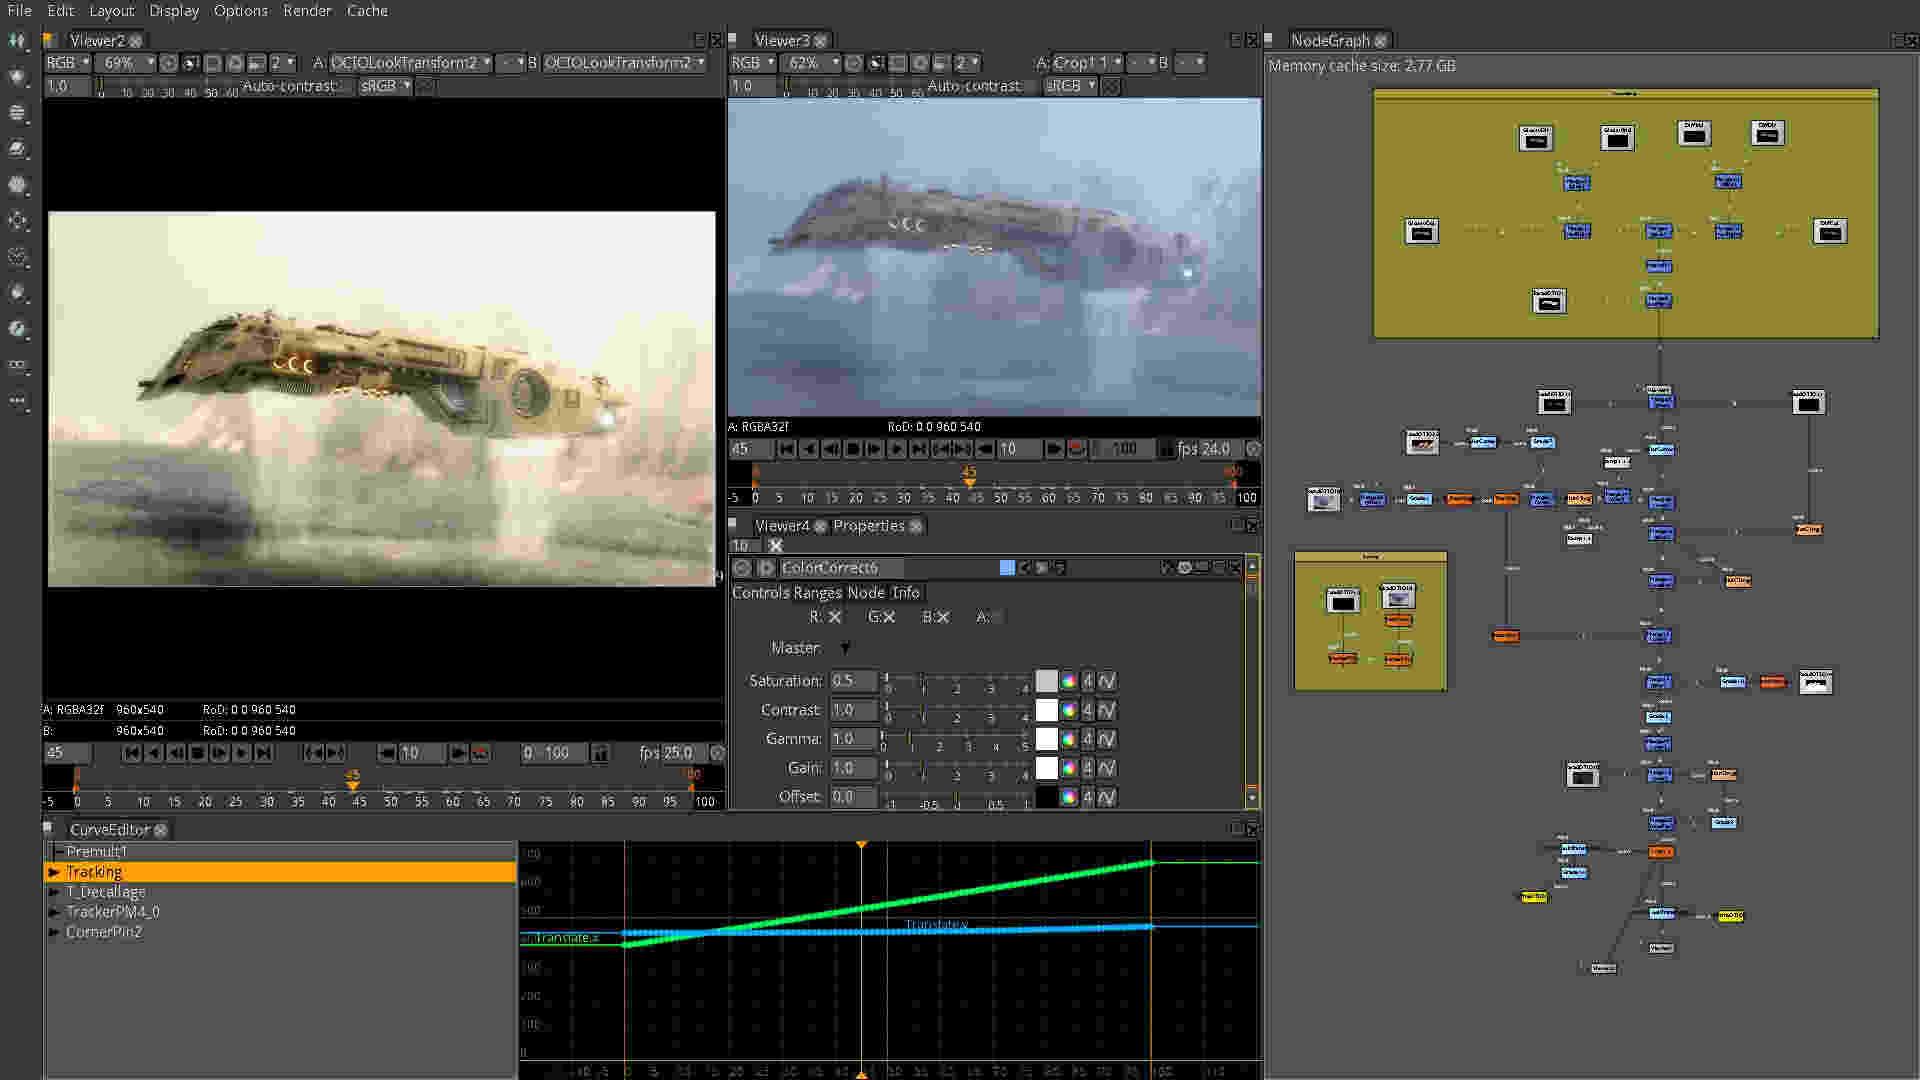 Natron: una herramienta de motion graphics gratuita y de código abierto